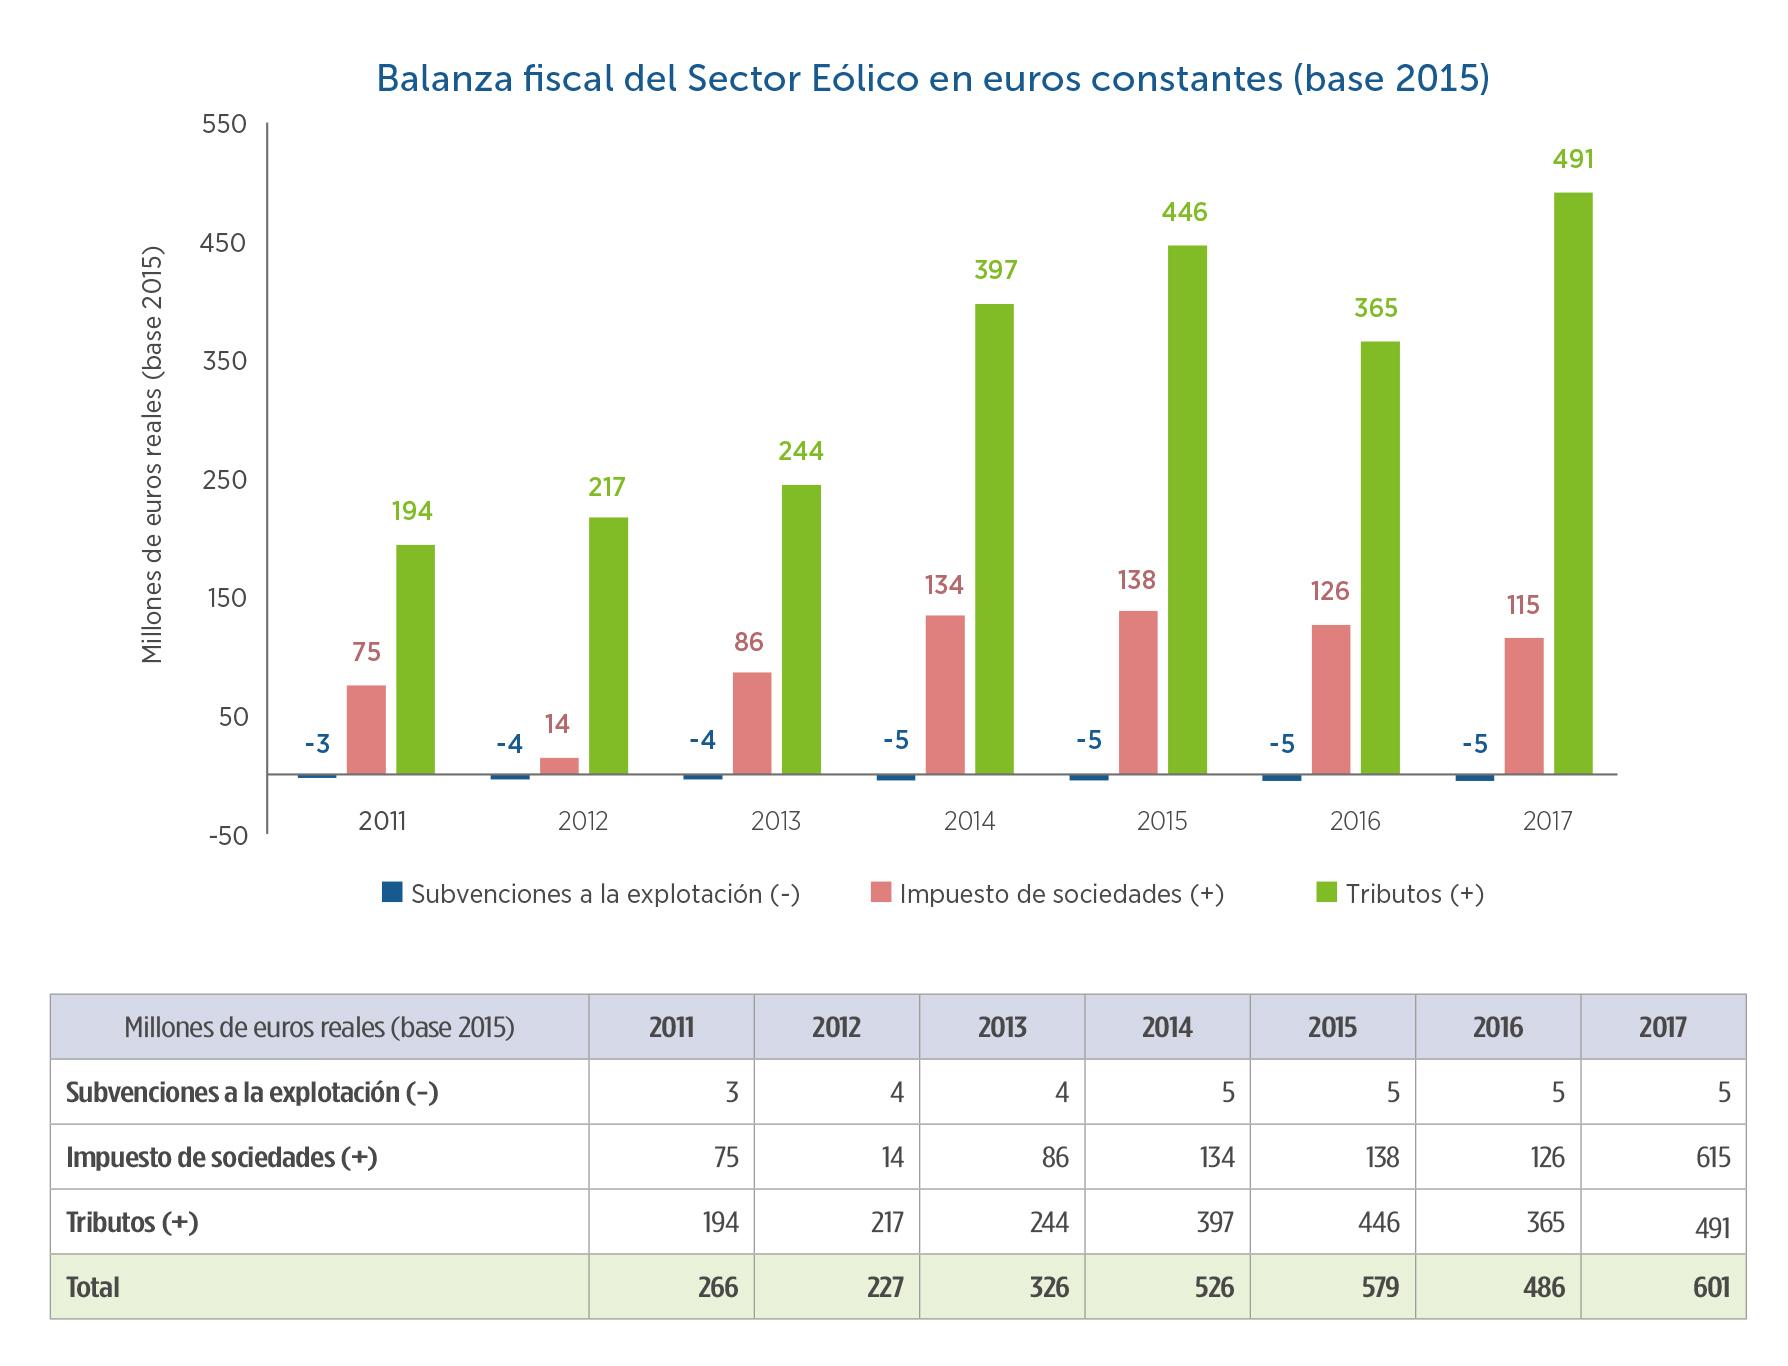 13-Balanza-fiscal-sector-elico-en-euros-constantes